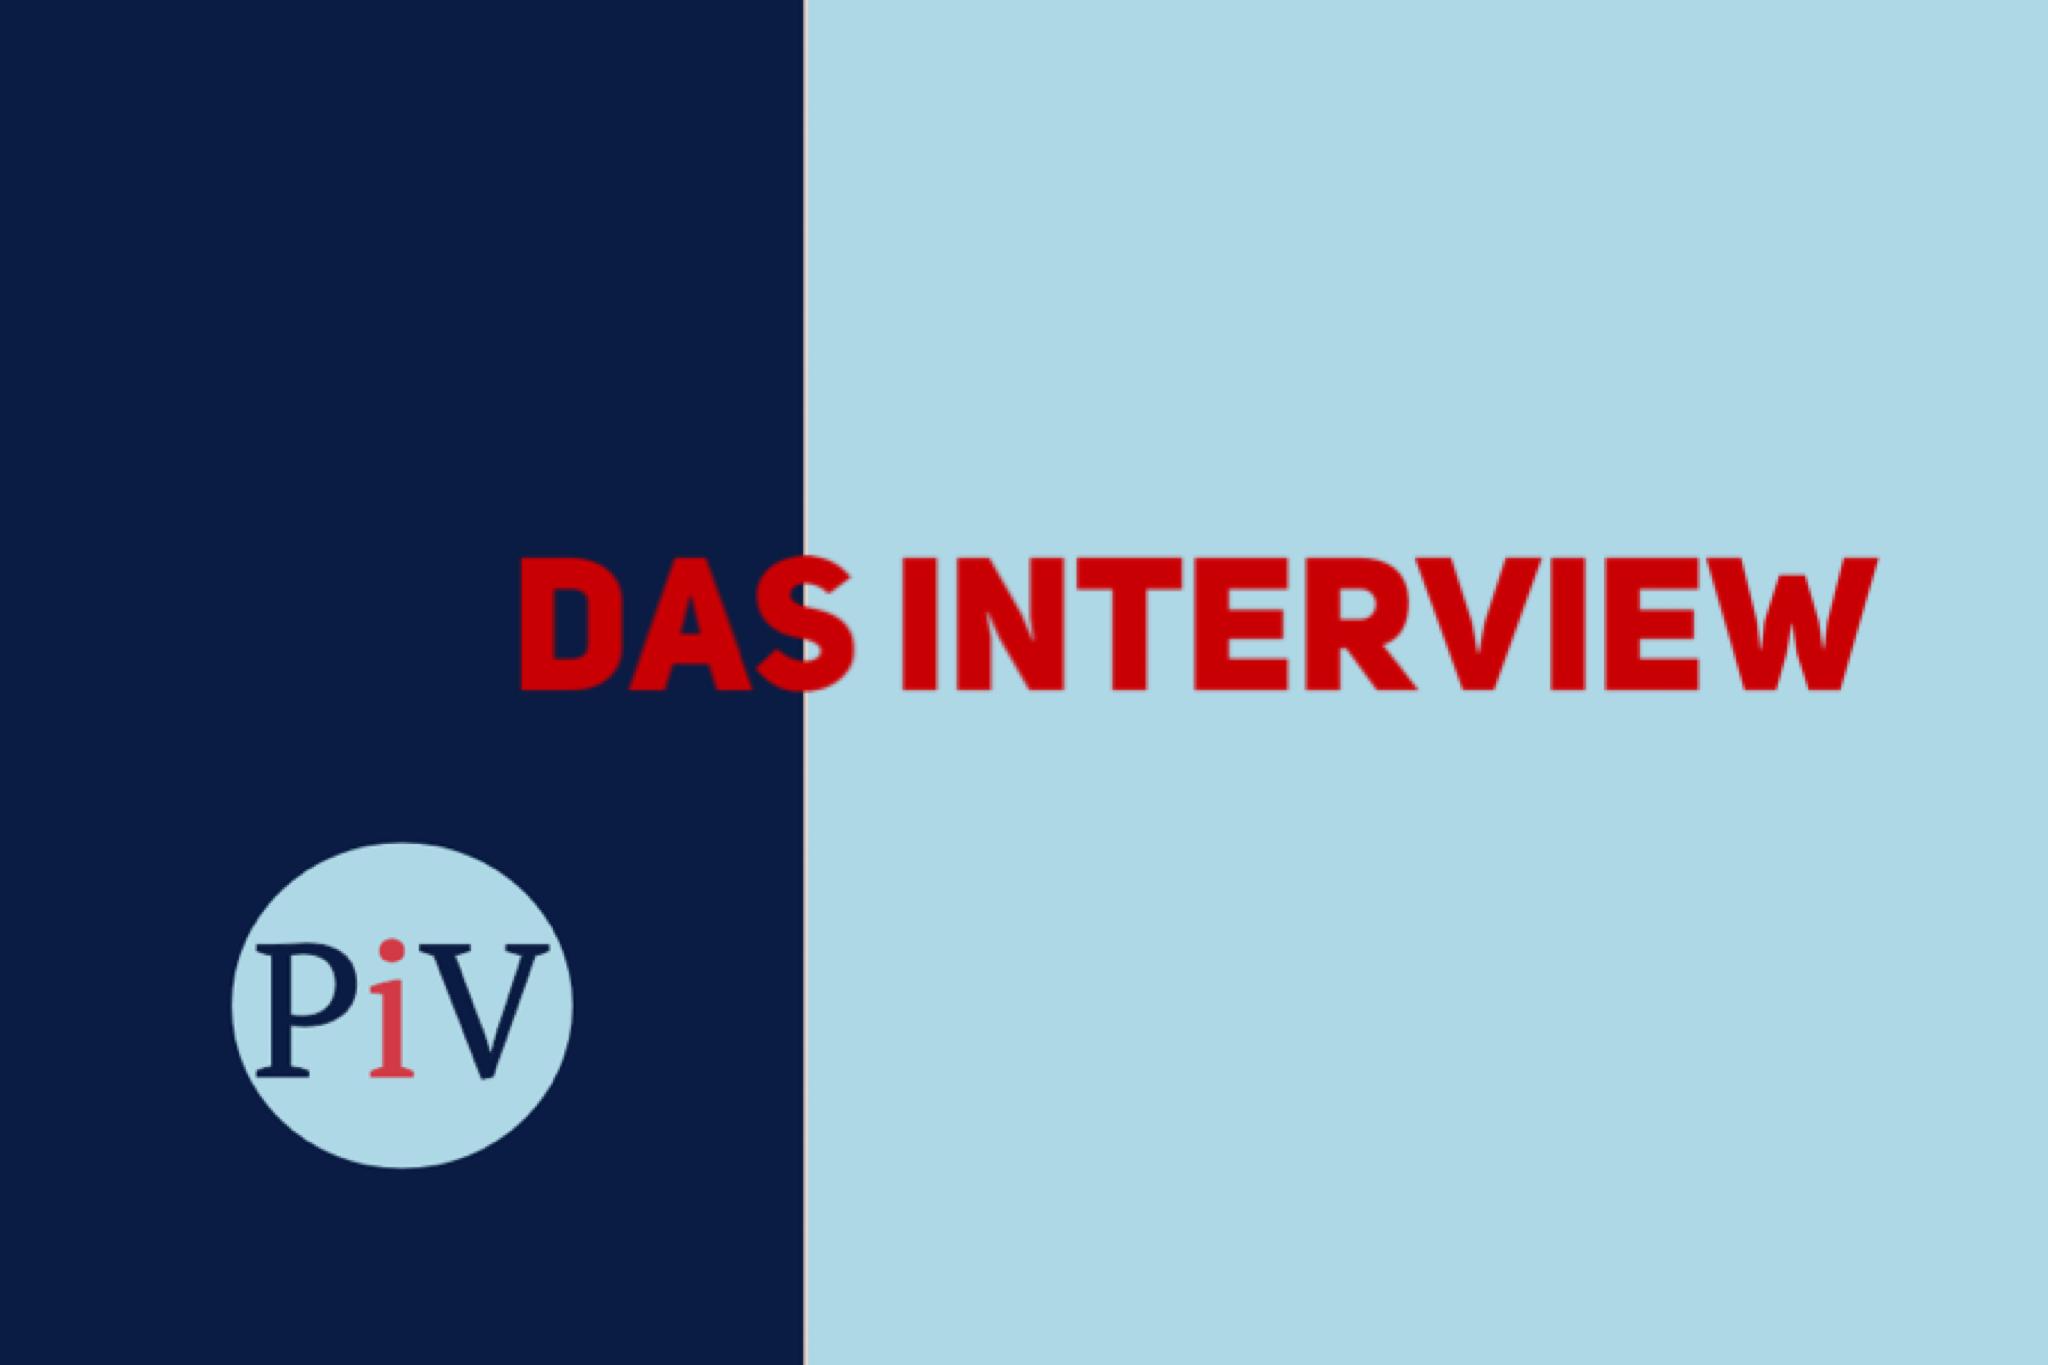 Ein Bild in Blau mit Logo und Text: Das Interview